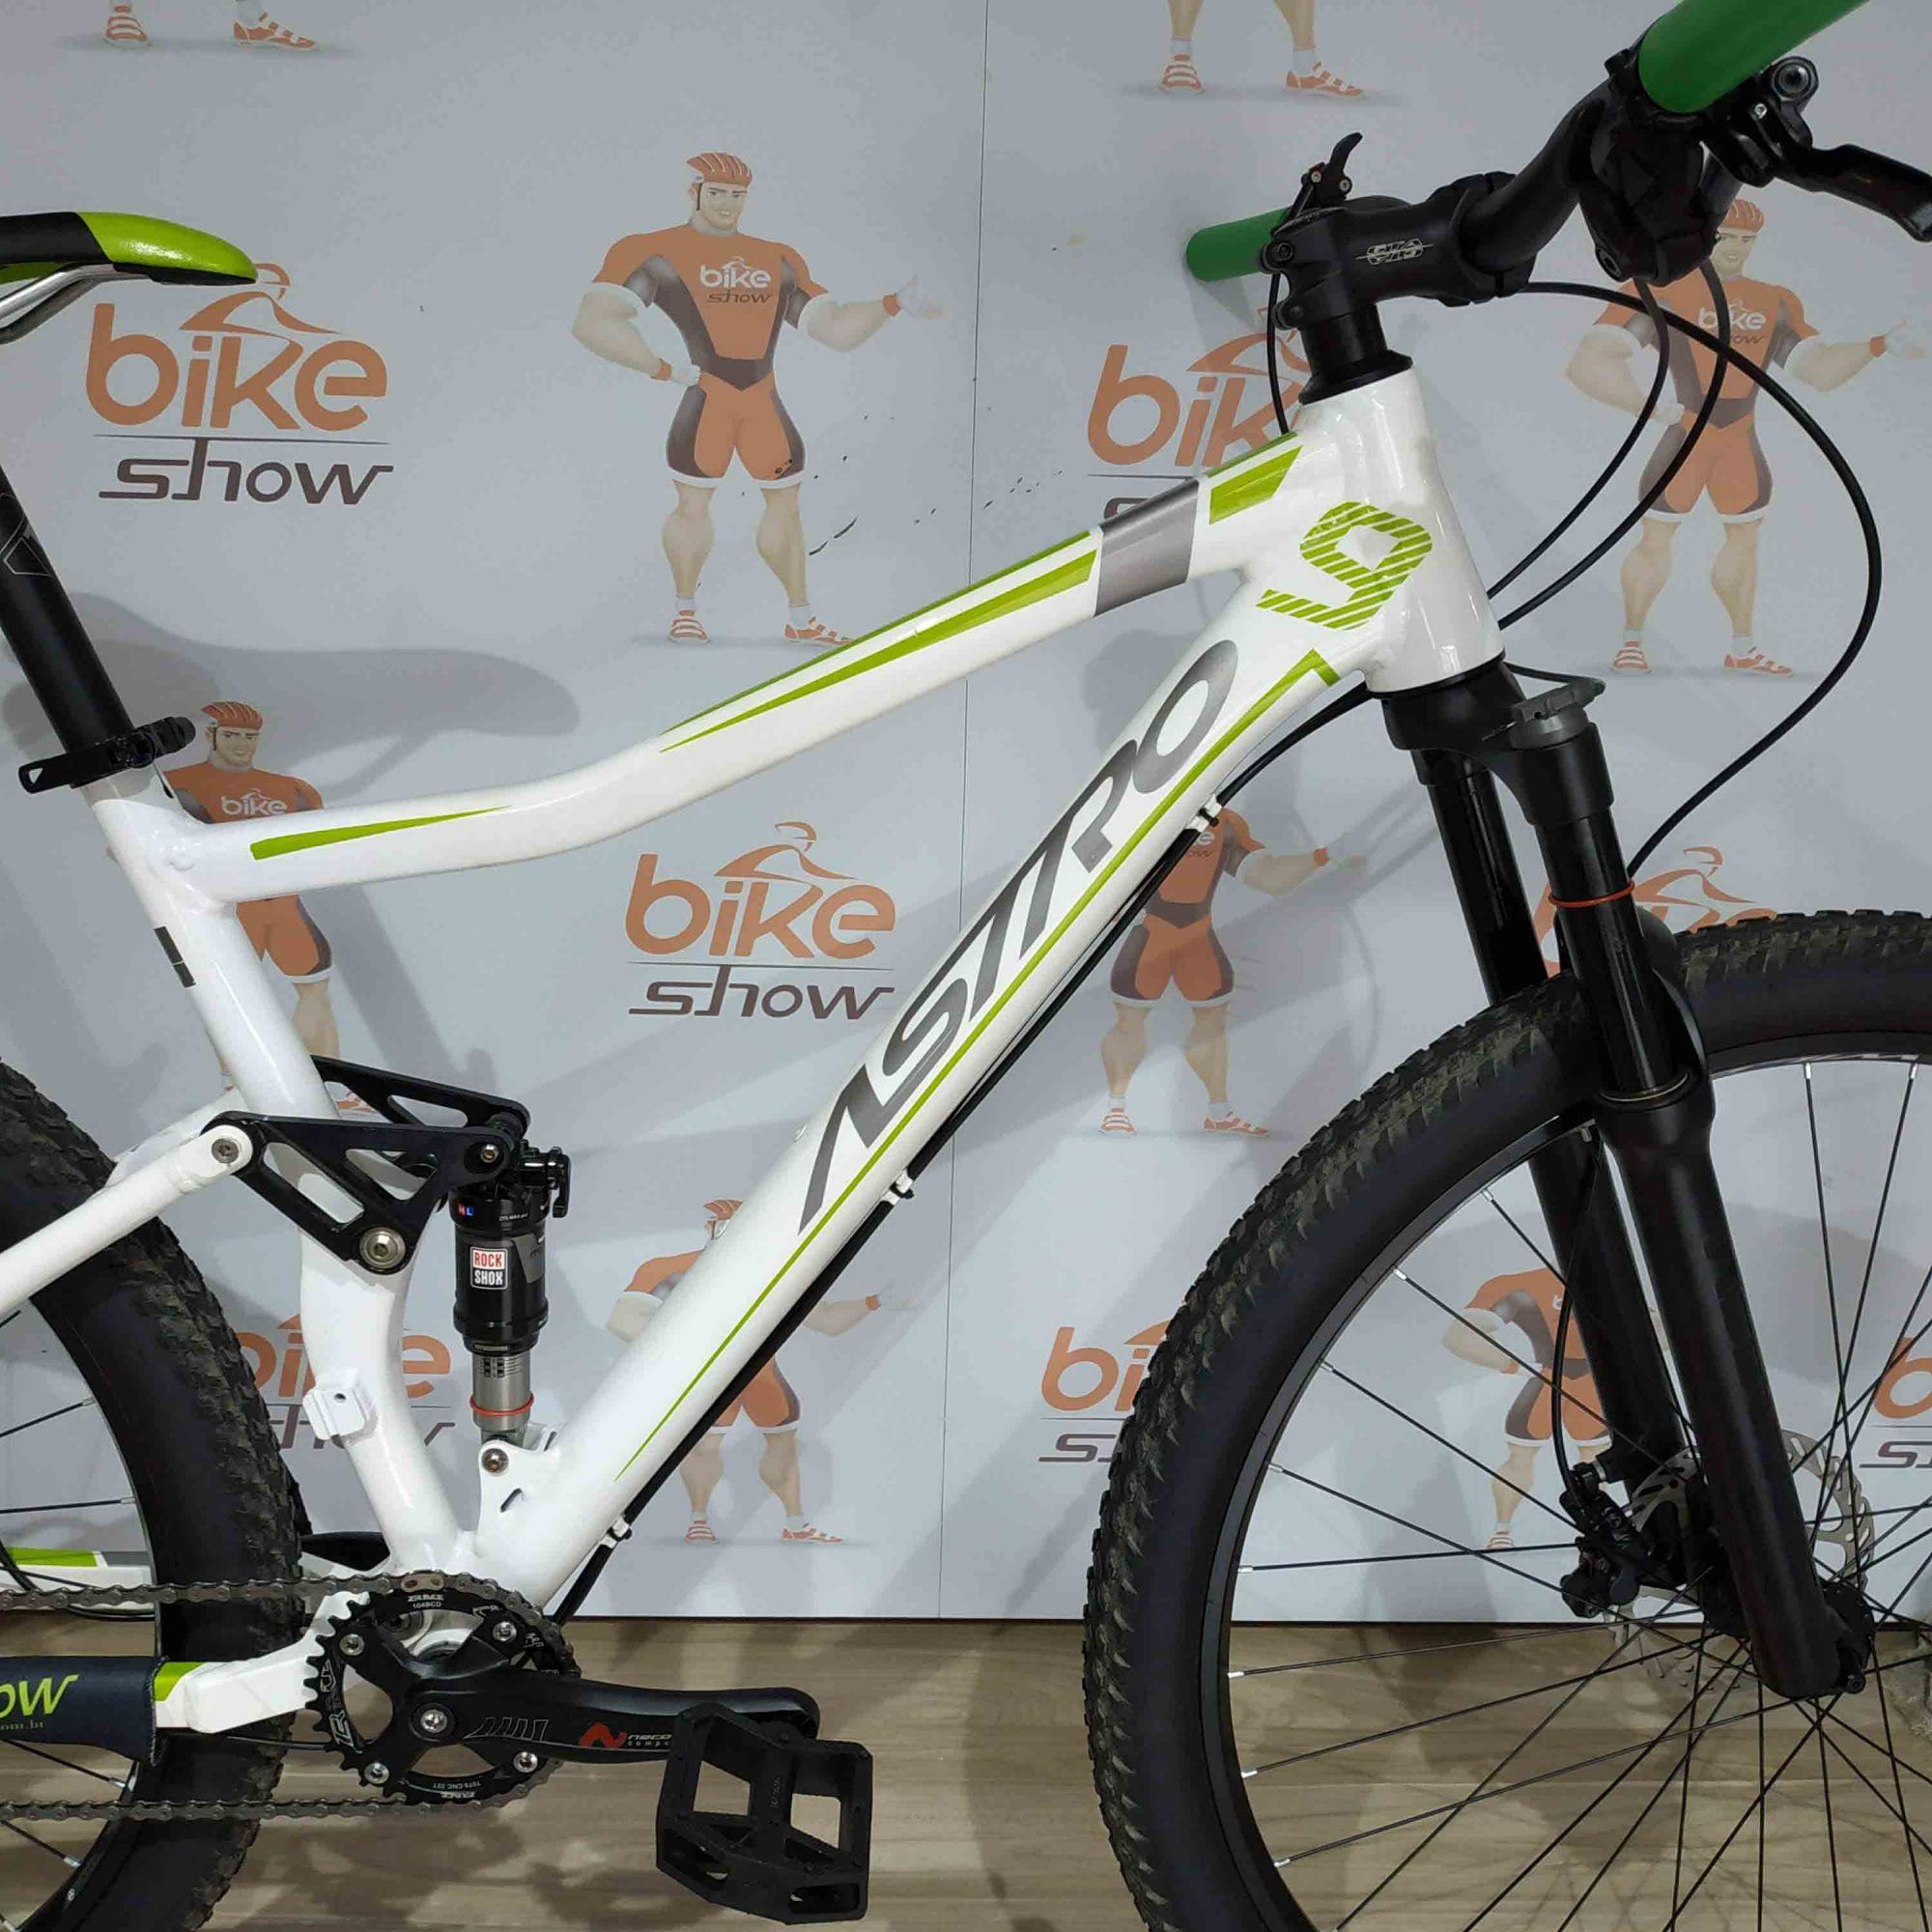 Bicicleta ASTRO XTC Full aro 29 - 12v Sram SX - Suspensão Absolute Prime a AR